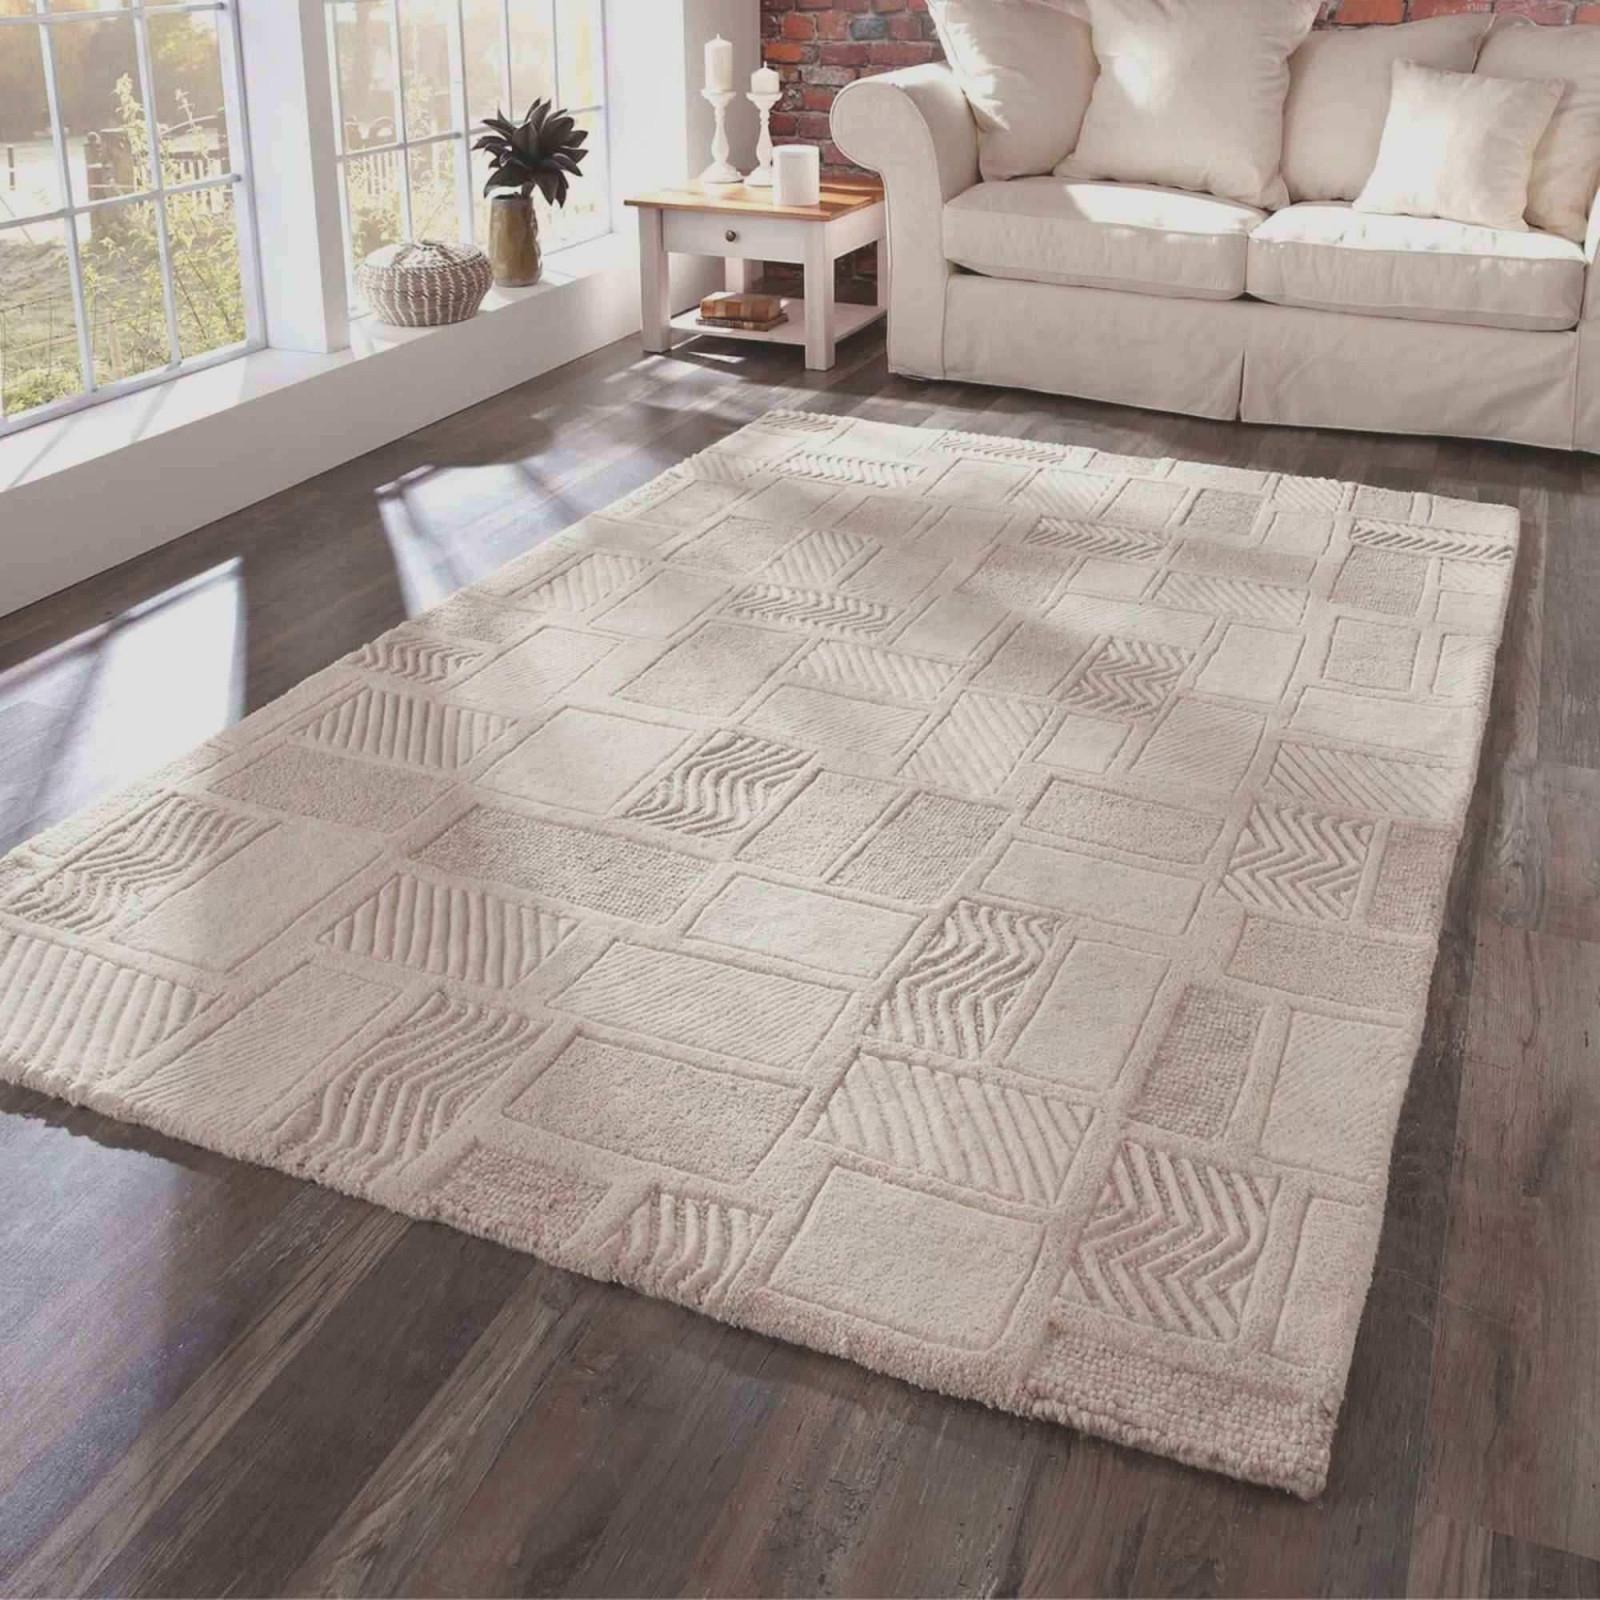 Wohnzimmer Teppich 200×300 Reizend Teppich 200 X 300 Design von Teppich Wohnzimmer 200X300 Photo